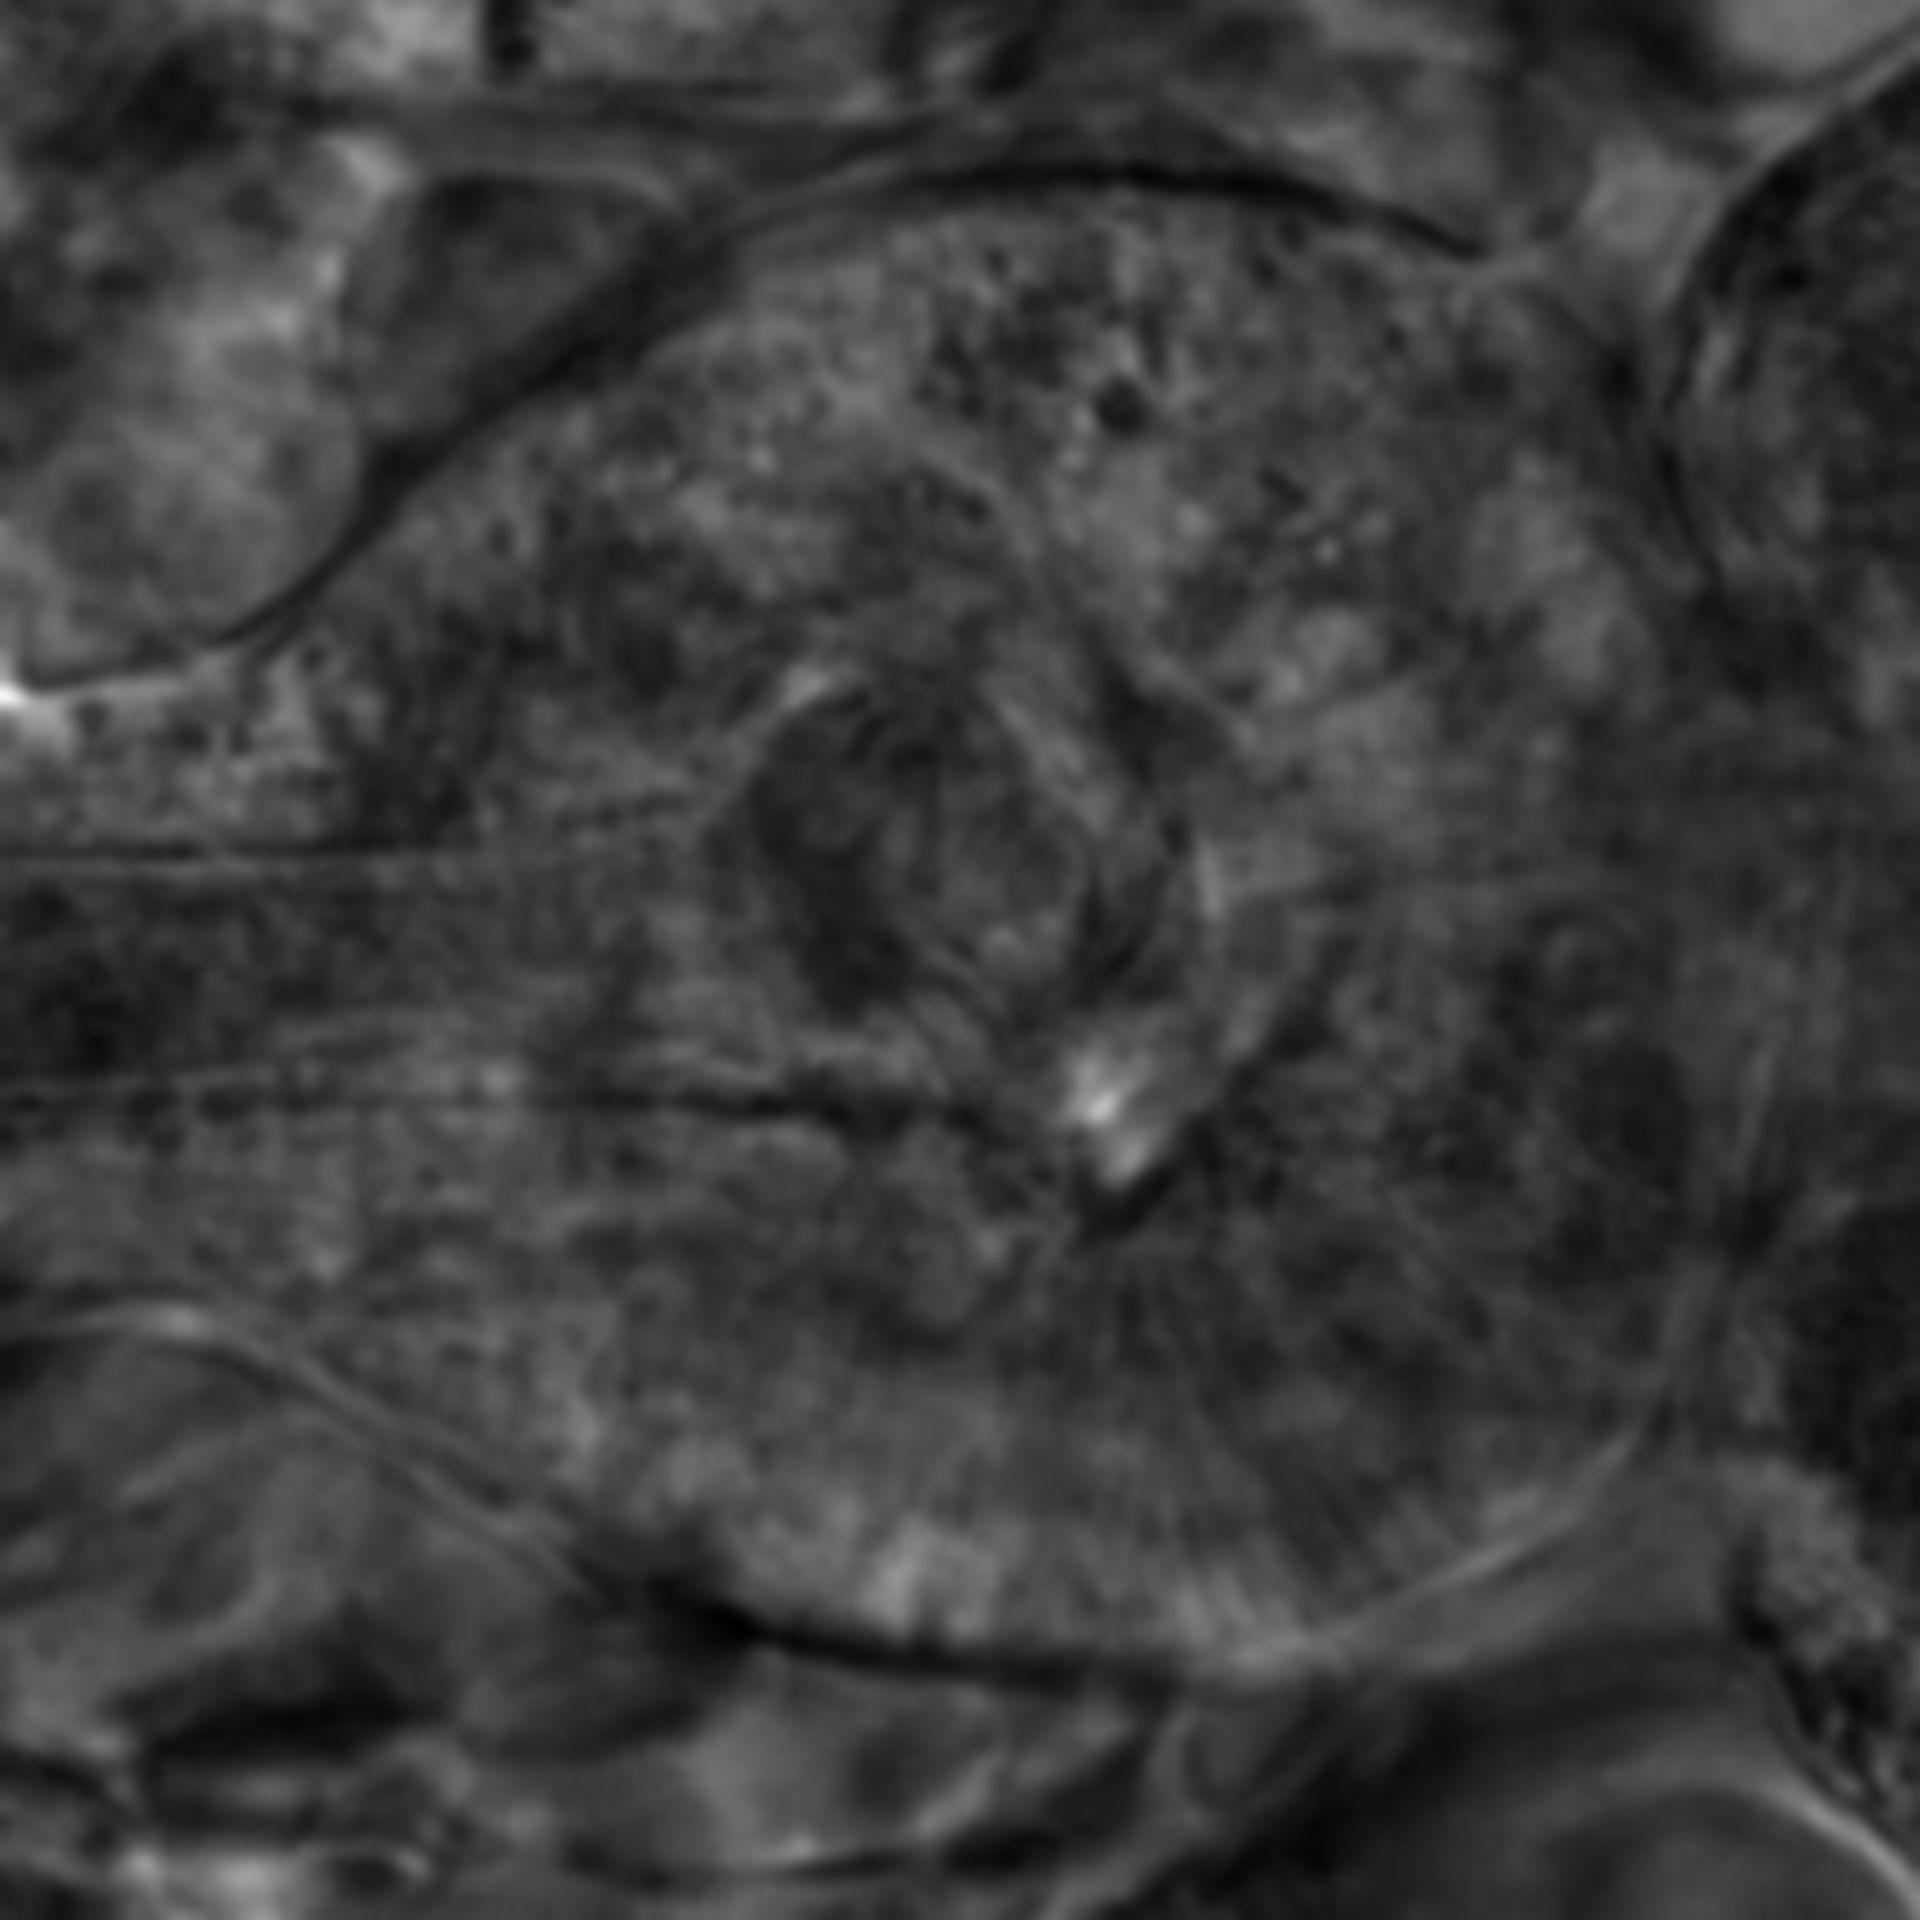 Caenorhabditis elegans - CIL:2654